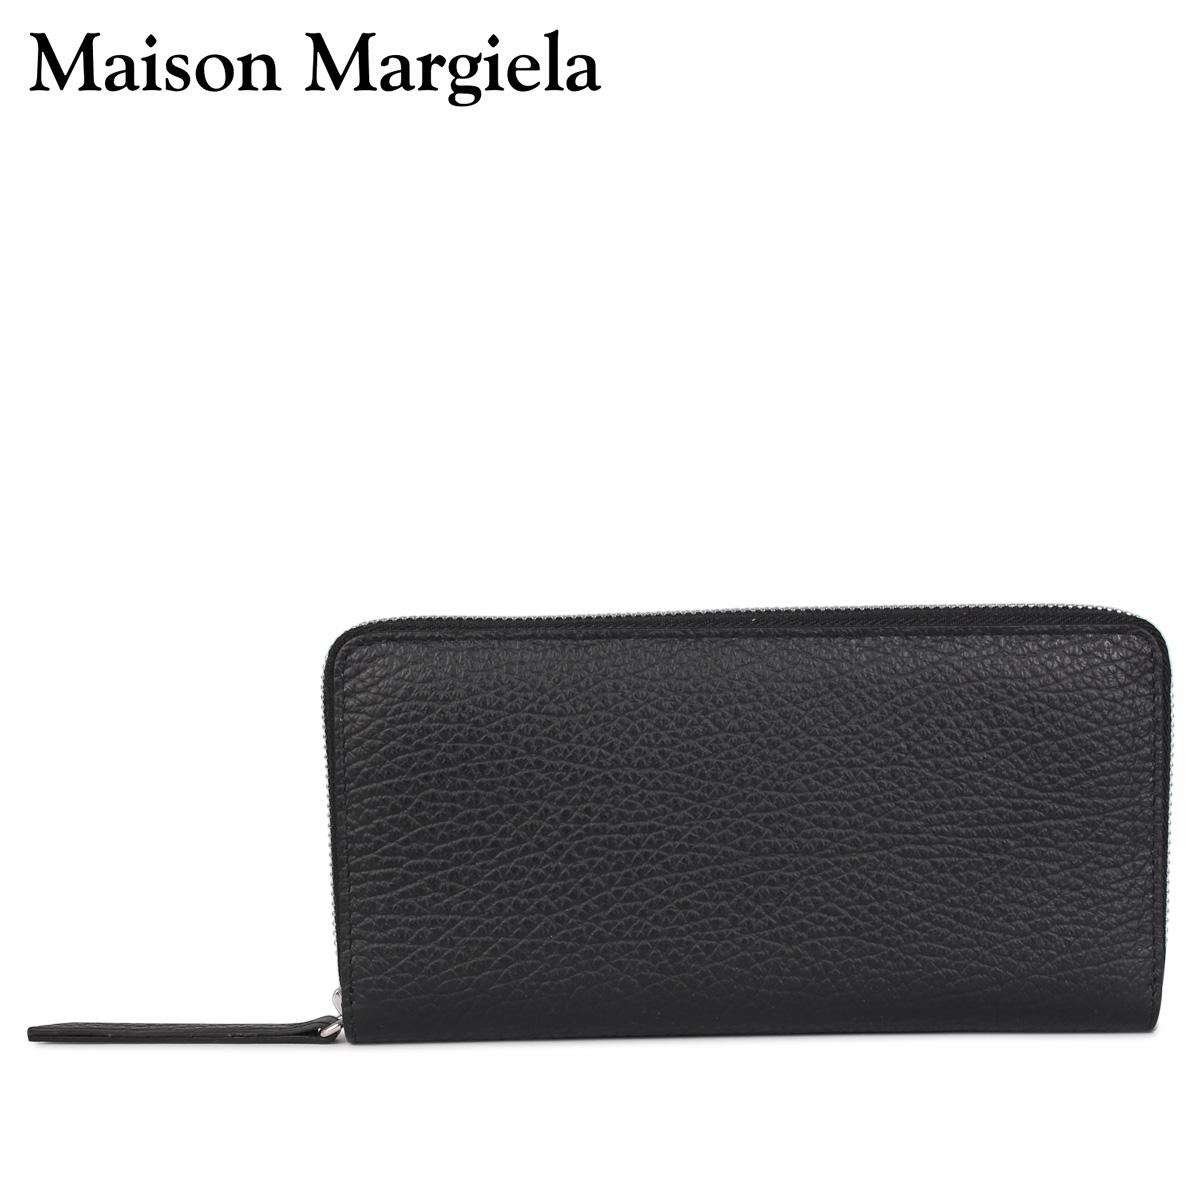 MAISON MARGIELA メゾンマルジェラ 財布 長財布 メンズ レディース ラウンドファスナー LONG WALLET ブラック 黒 S56UI0110 [4/13 新入荷]